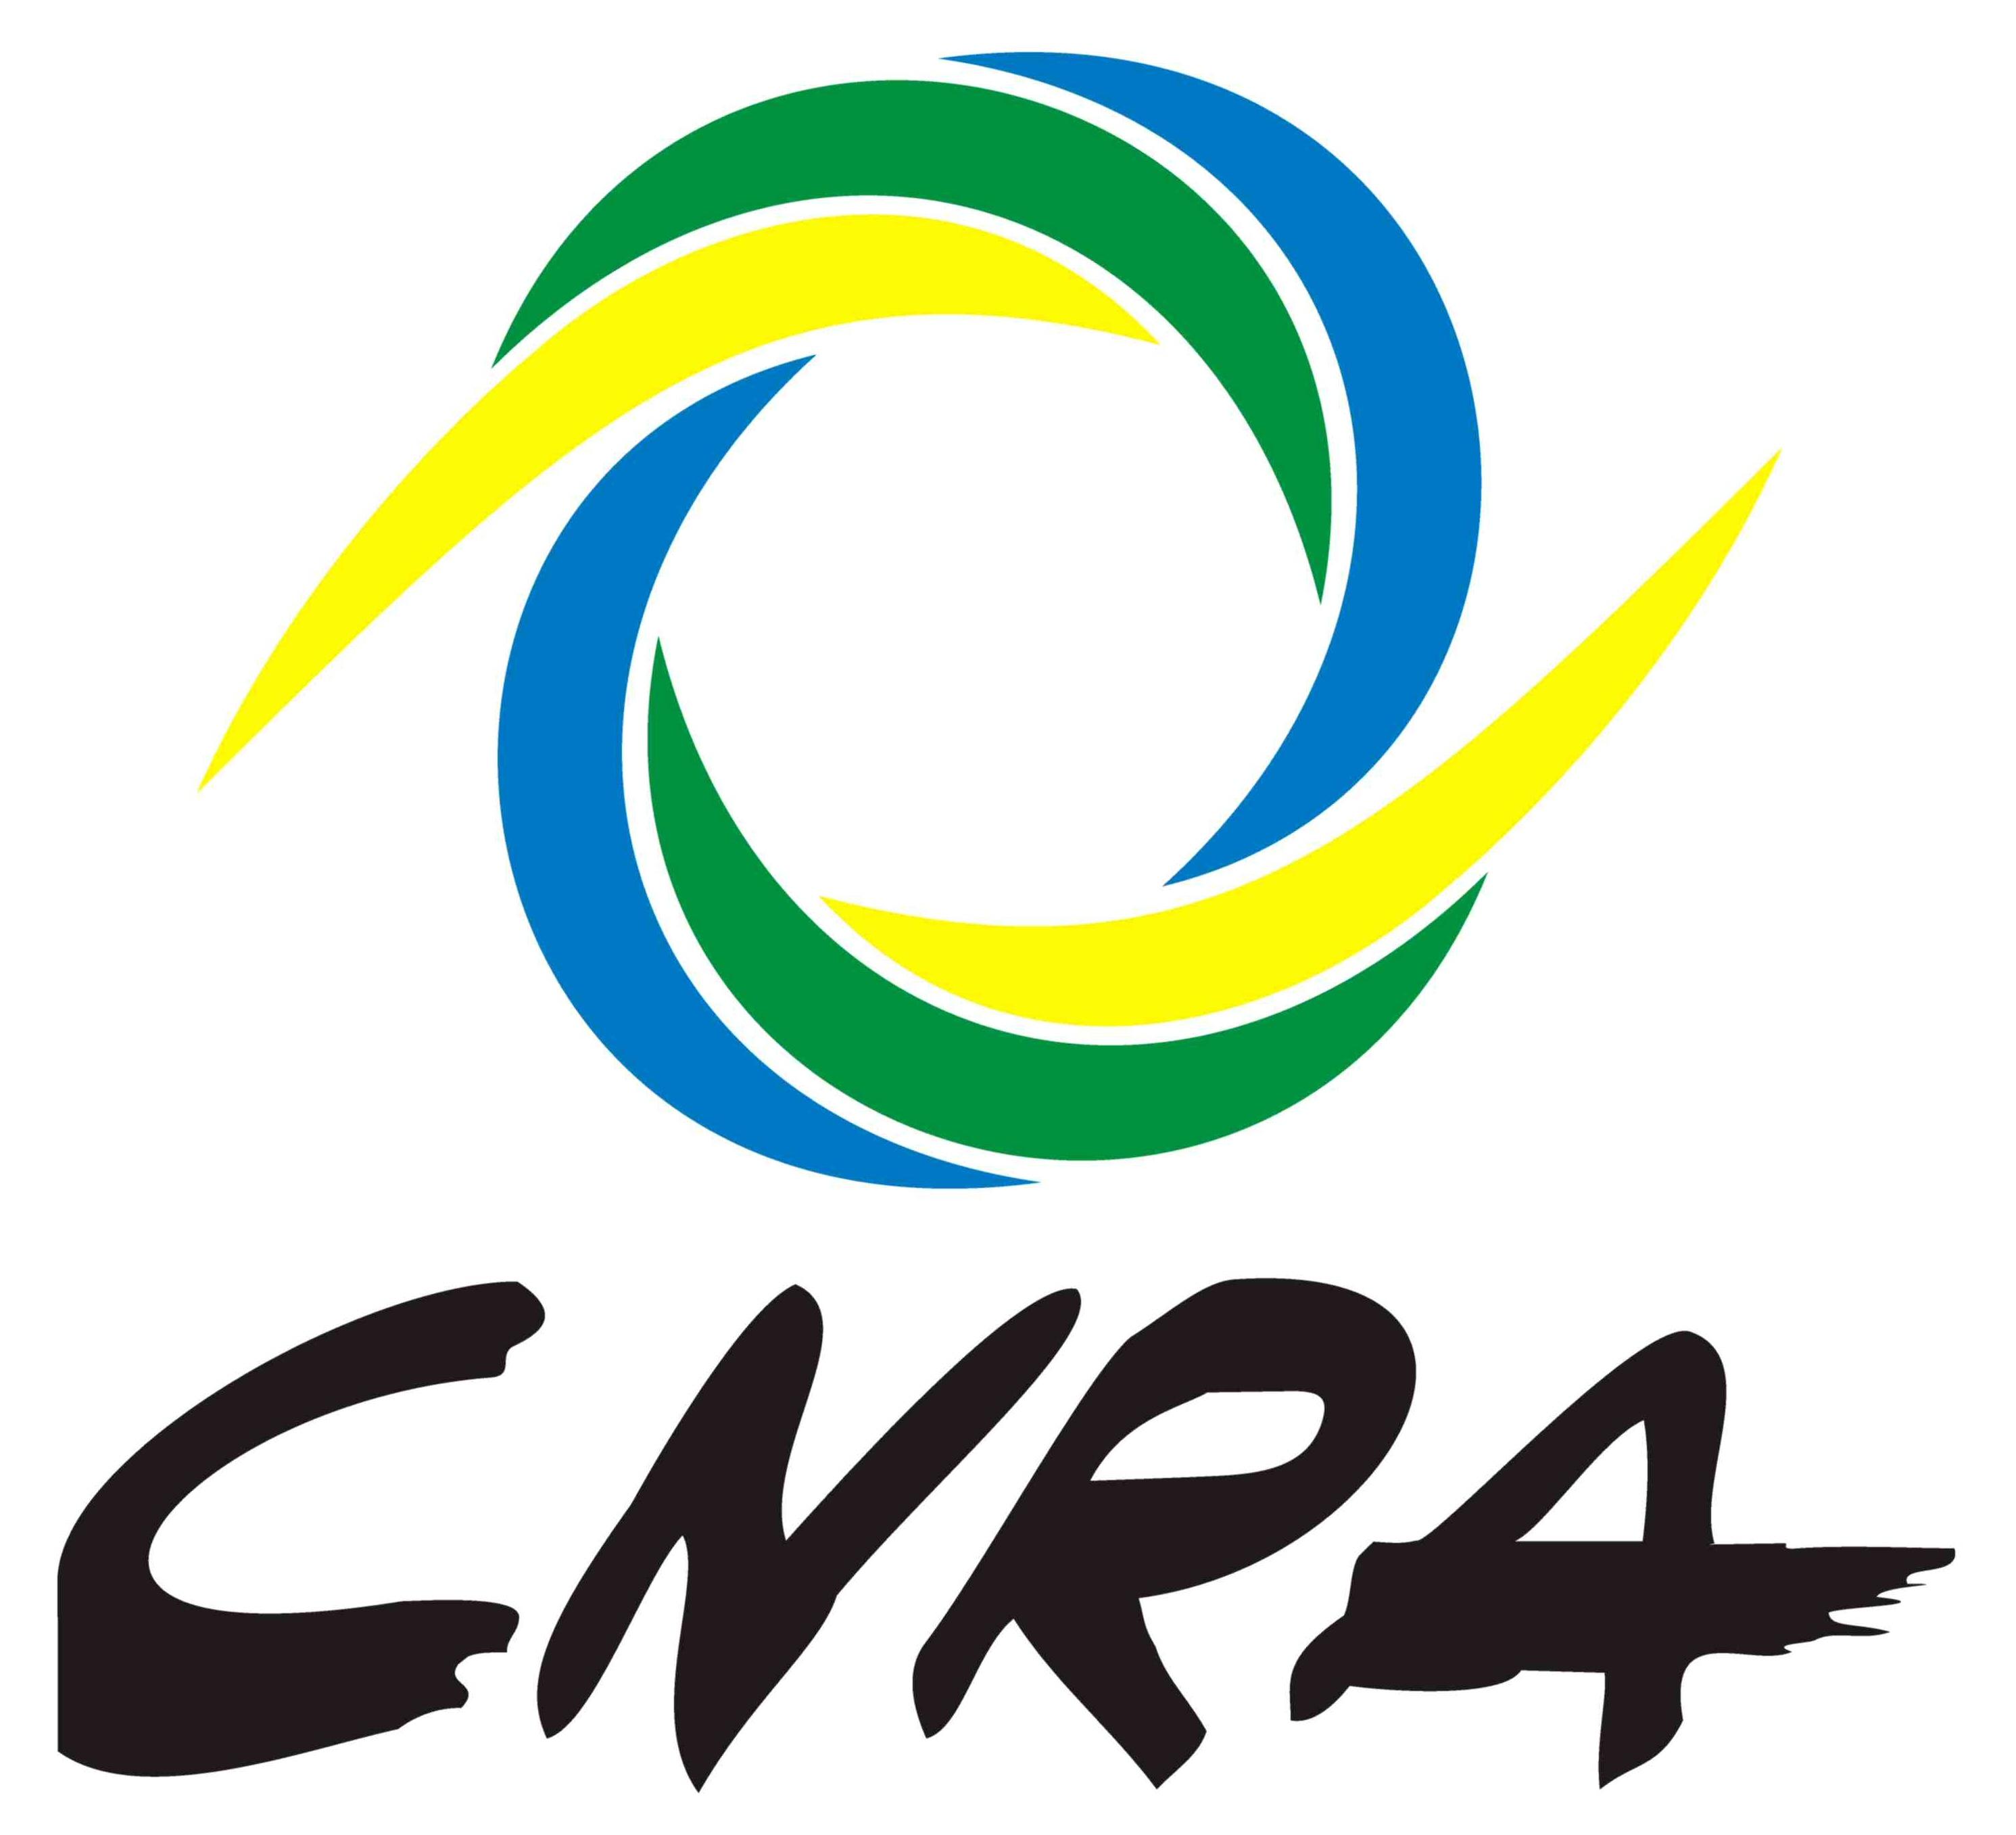 La CNRA en congrès les 7, 8 et 9 mai au Mans